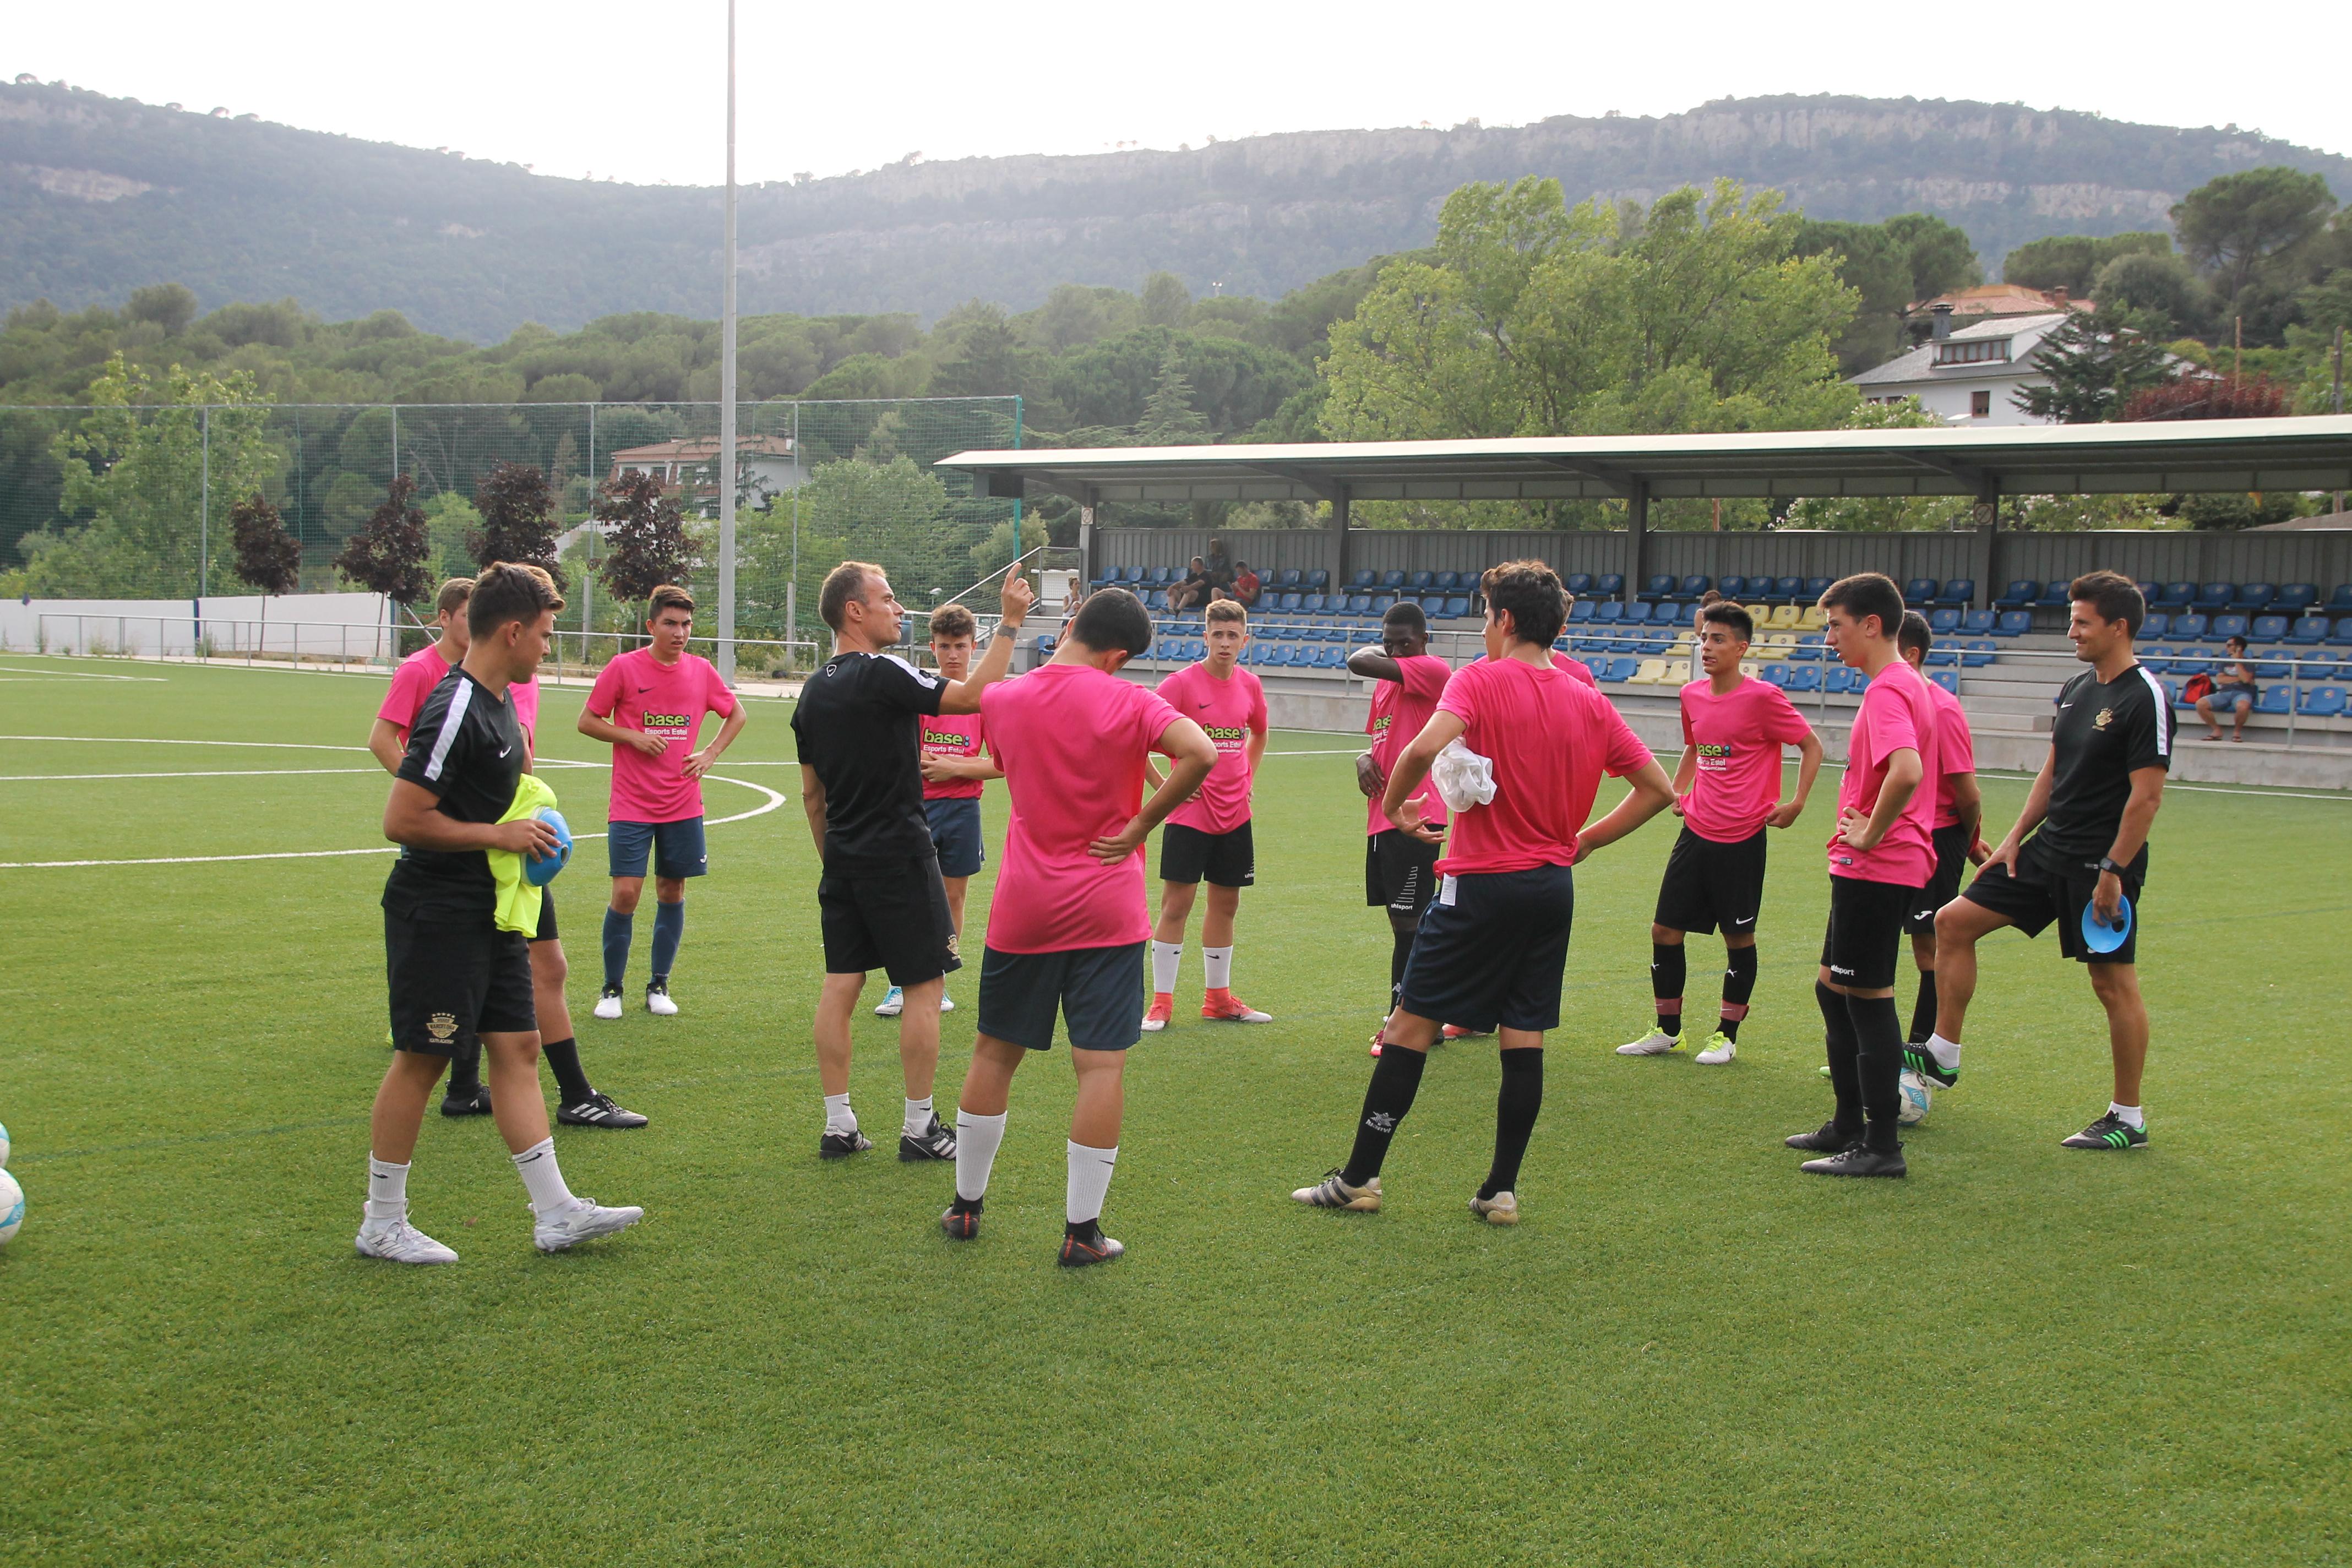 Vildbjerg Cup, equip sub17